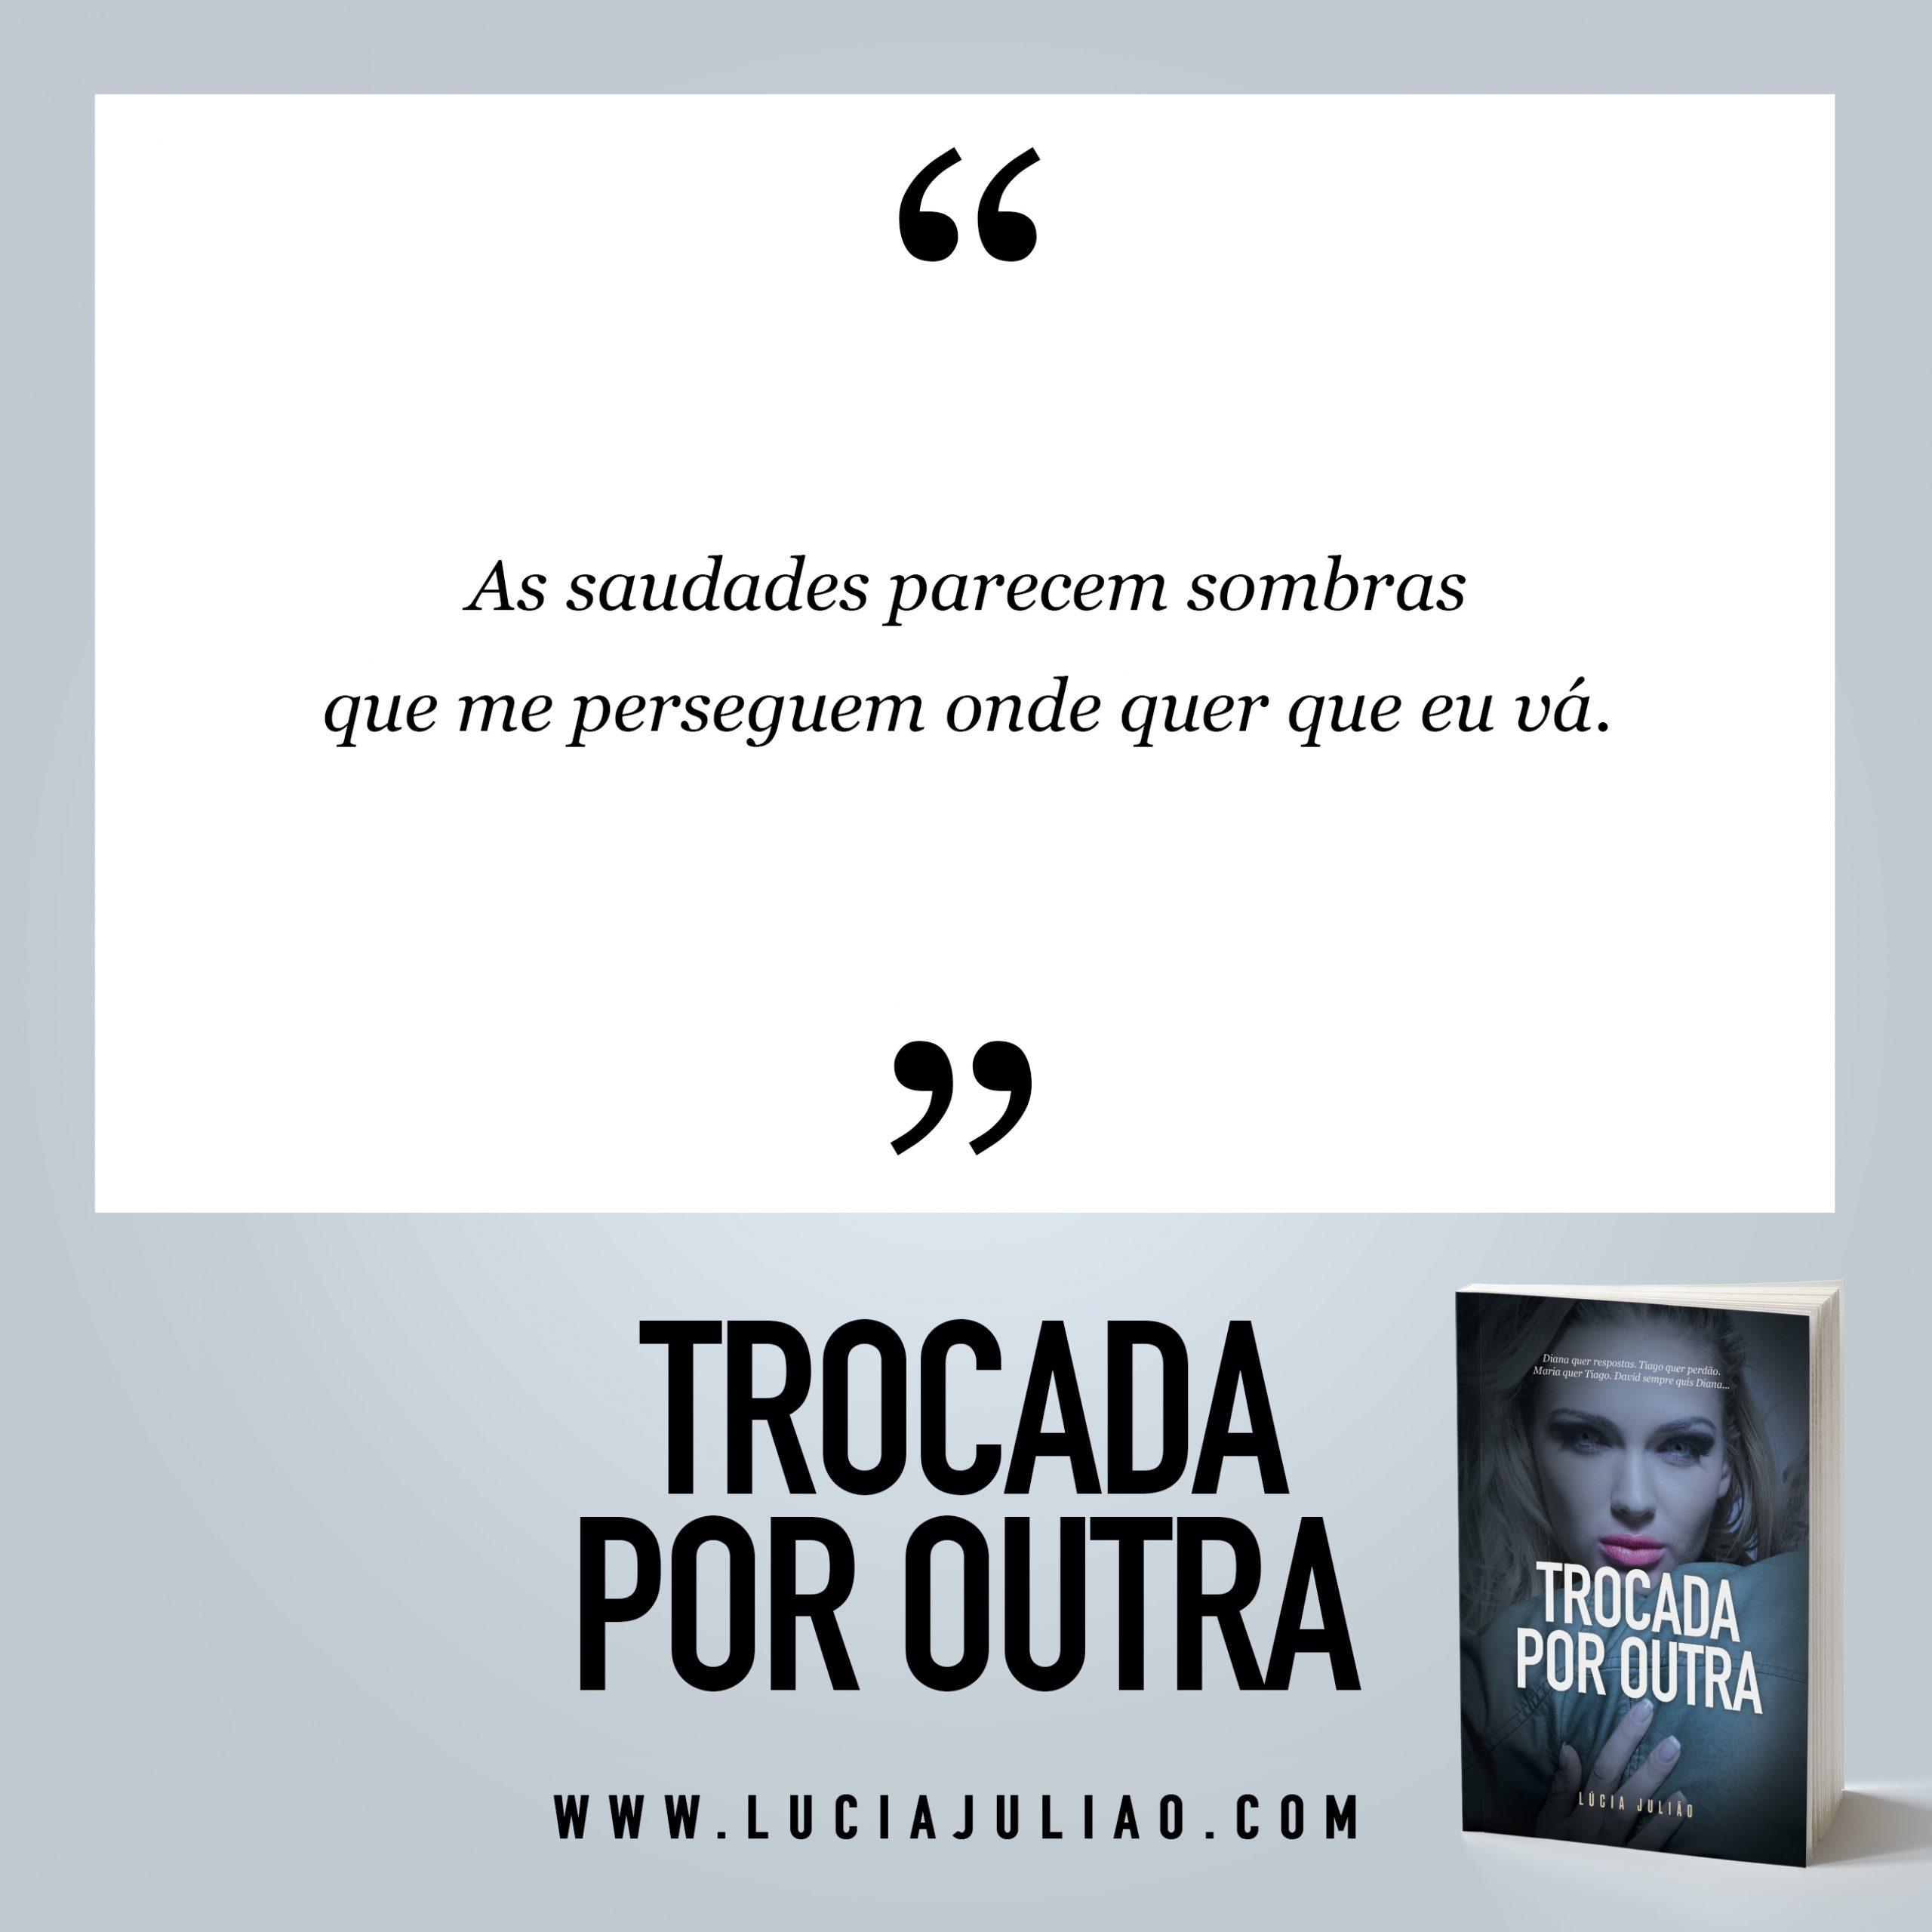 034Q - capitulo 10 Trocada por outra - Lúcia Julião